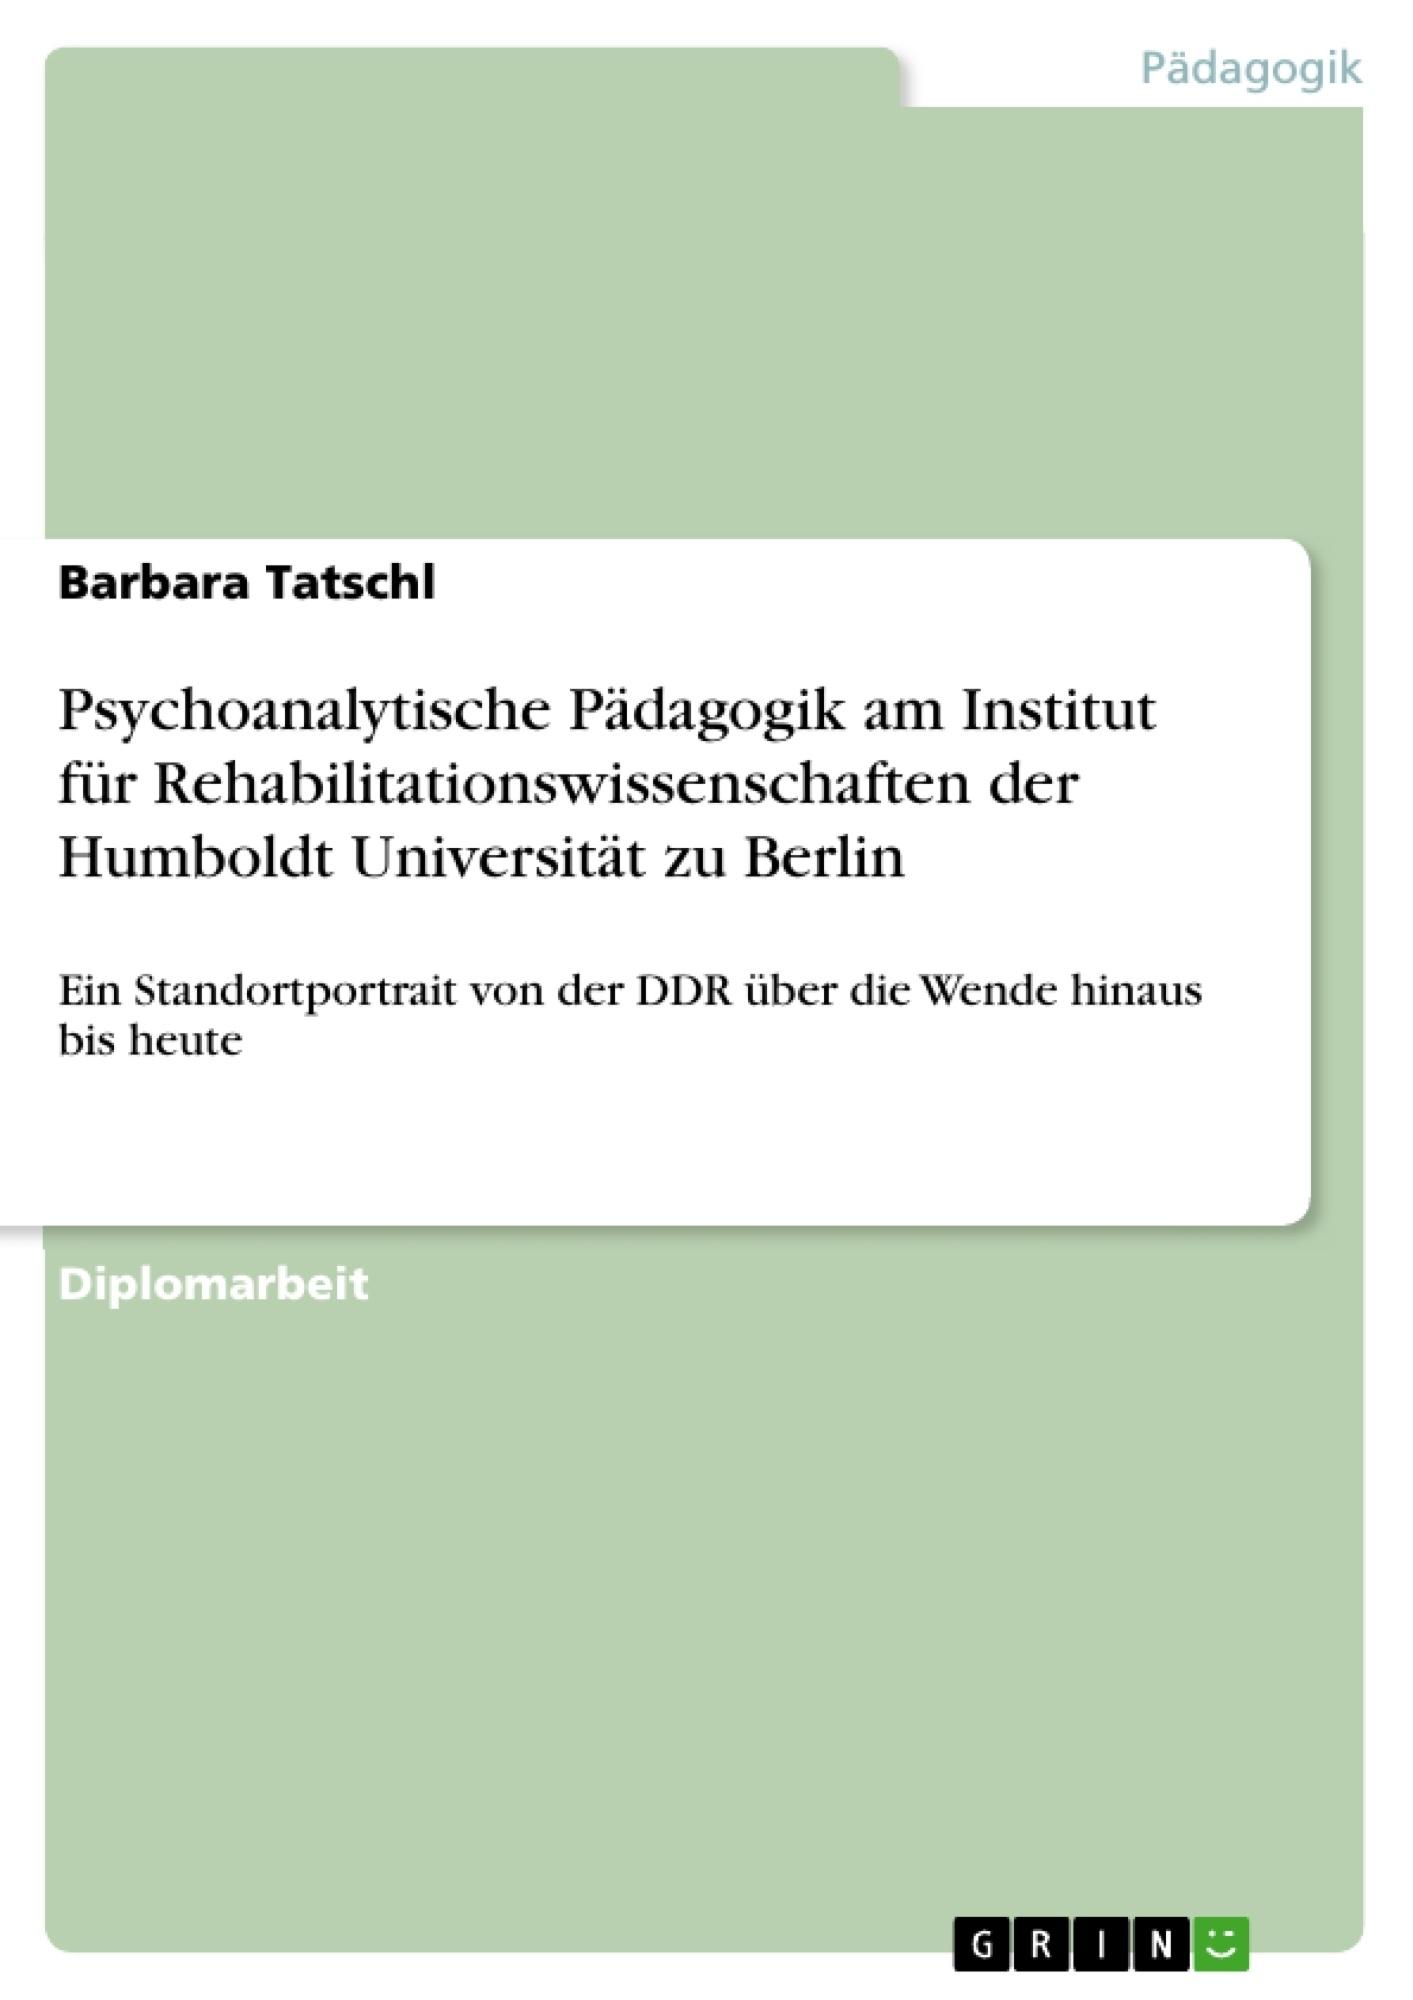 Titel: Psychoanalytische Pädagogik am Institut für Rehabilitationswissenschaften der Humboldt Universität zu Berlin